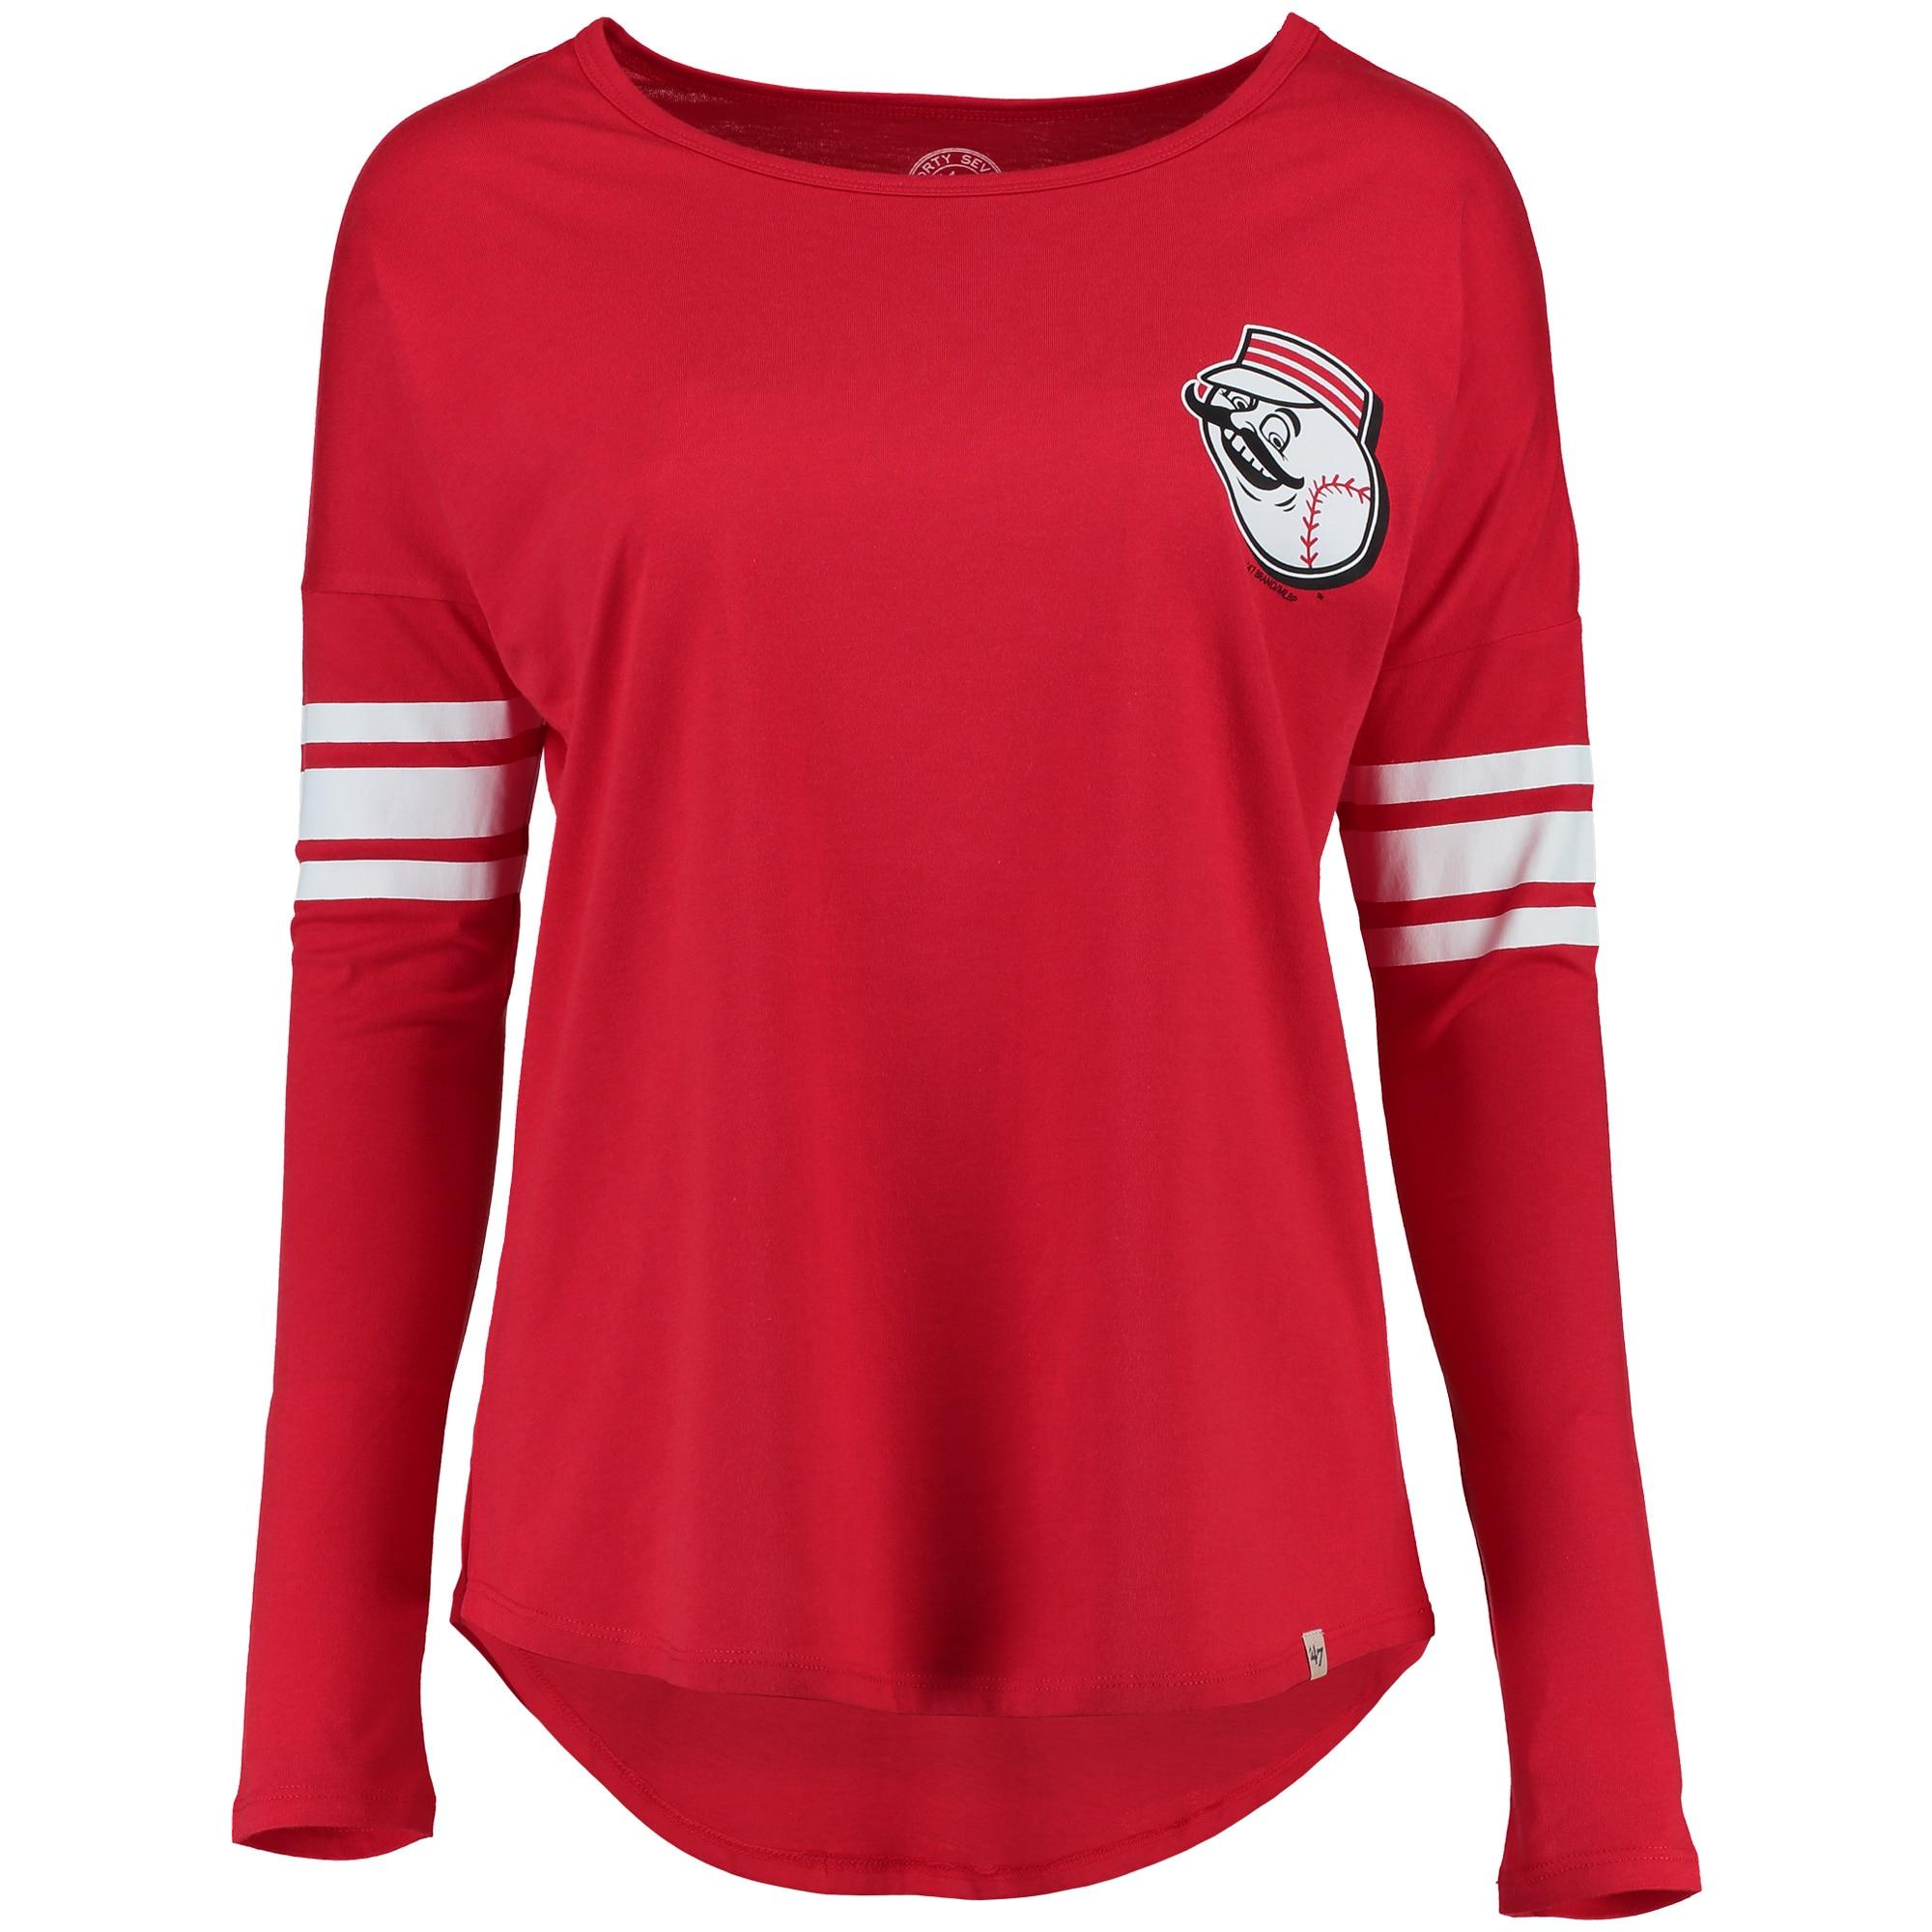 Cincinnati Reds '47 Women's Ultra Courtside Long Sleeve T-Shirt - Red